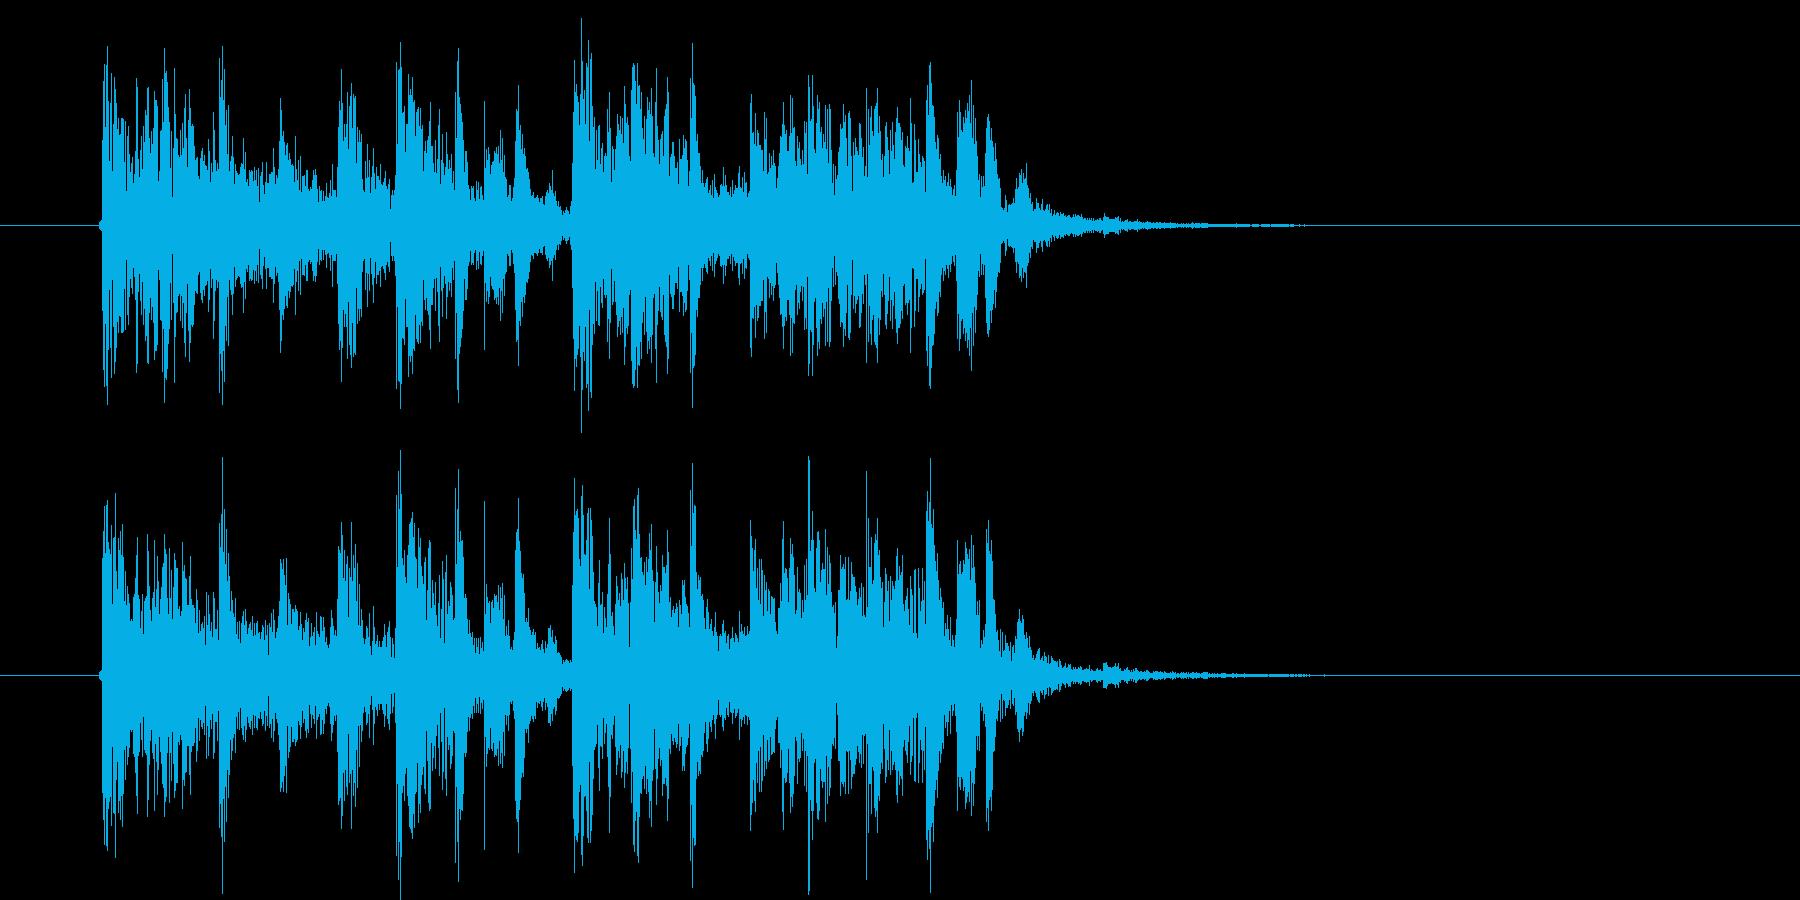 重厚感のある幻想的な音楽の再生済みの波形